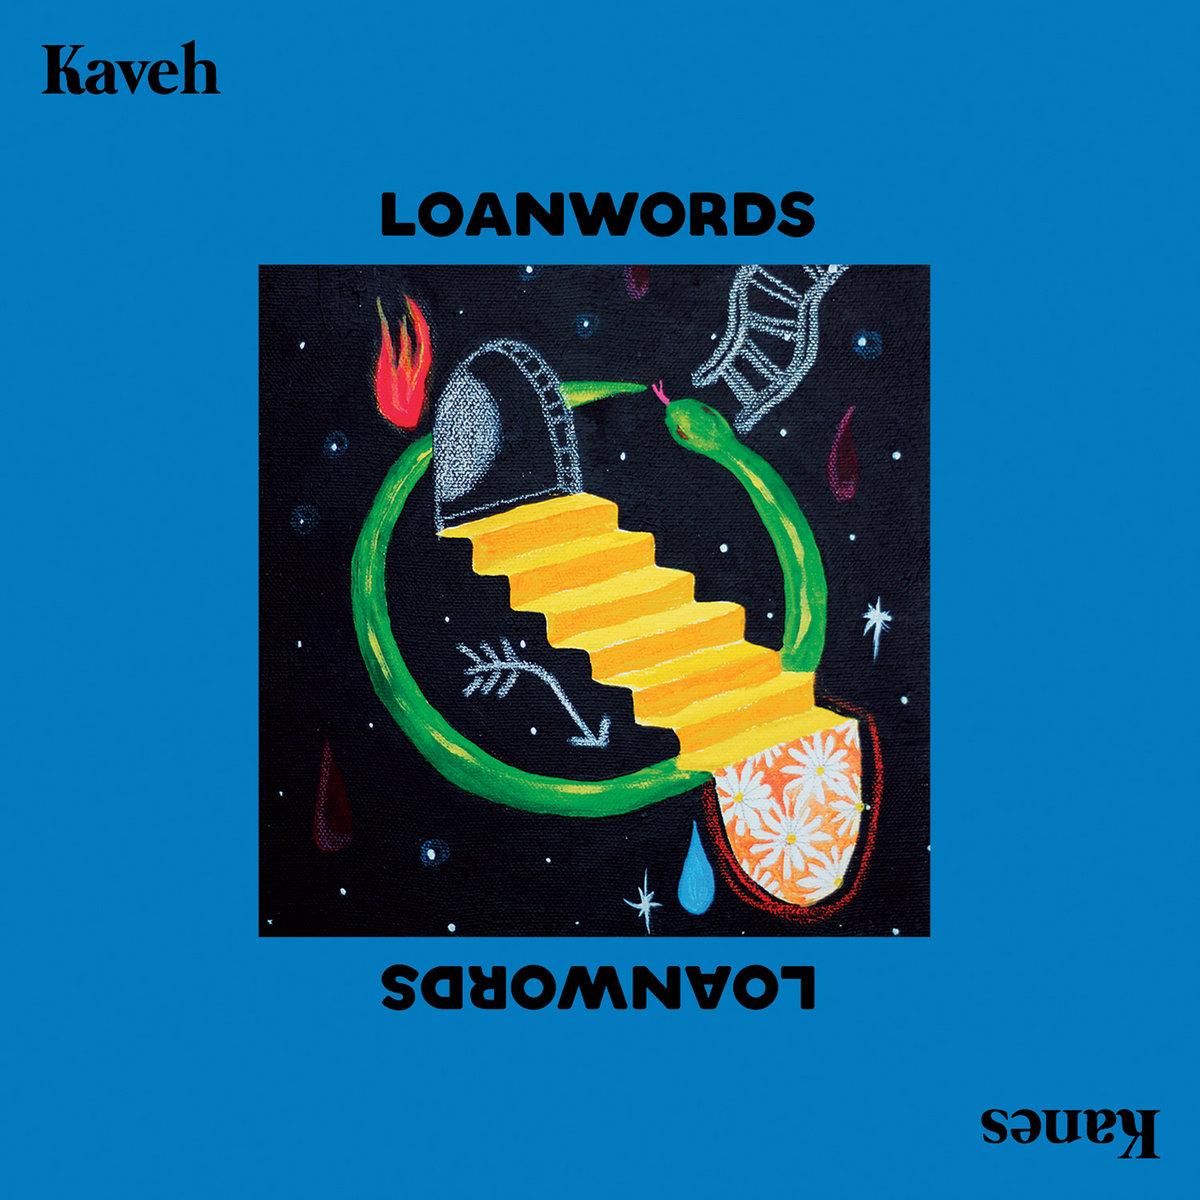 pzl148: kaveh kanes - loanwords